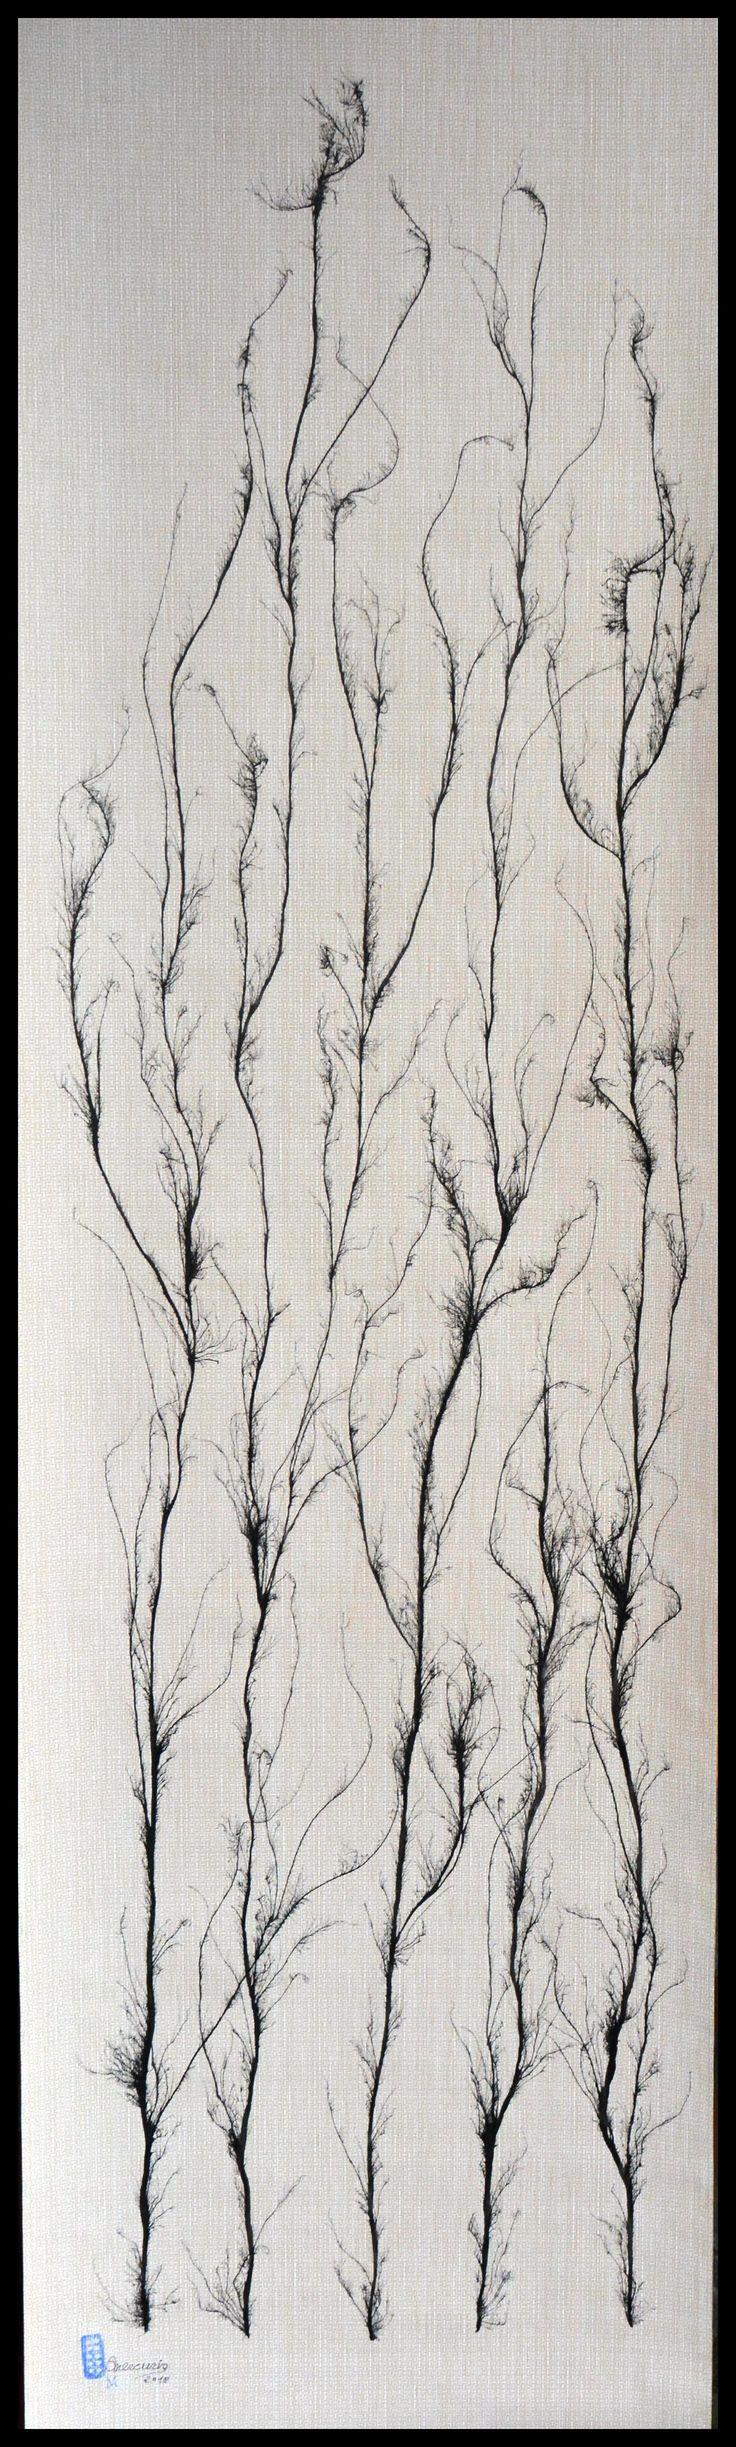 """FICHA TECNICA DE LAS OBRAS """"ARBOLES QUE MIRAIS AL CIELO"""" Nº5  La obra esta realizada con Tinta China al estilo de la escuela del sur de China, también conocida como """"pintura sin huesos"""" (pintura sin contornos). Autor: Mercurio Marin Soporte: Papel pintado. (150gr) Medidas:  Alto.-180cm  Ancho.-52cm Precio: 90€ Gasto de envío a la Península: 9€ (otros preguntar) Forma de pago: Contra reembolso Se envía en tubo de cartón rígido. Certificado de Autenticidad y Pieza Única."""